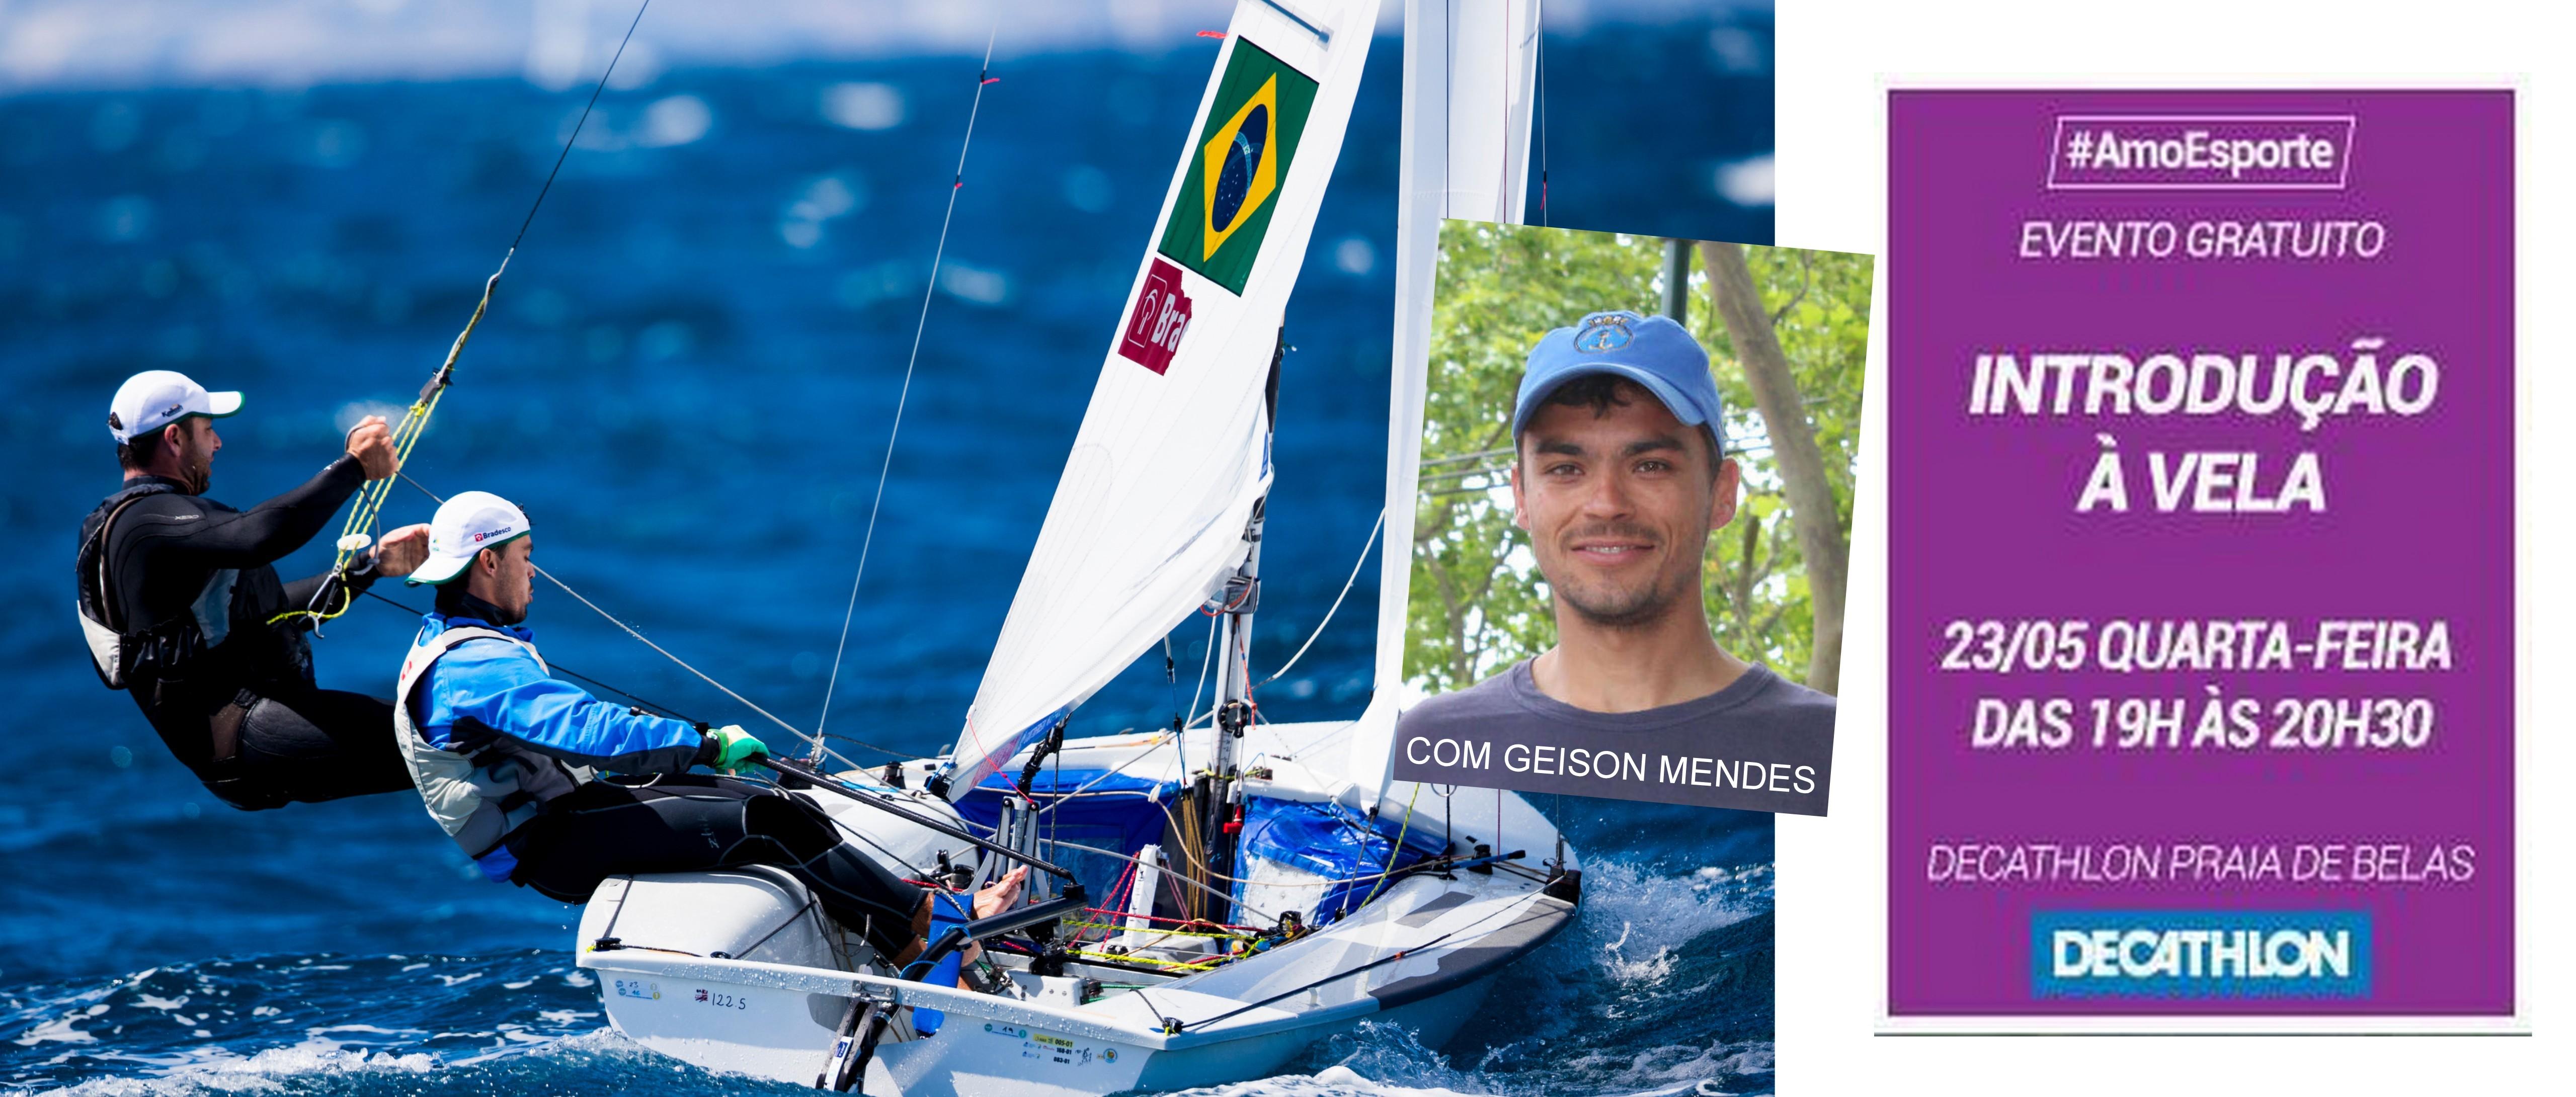 #AmoEsporte: Geison Mendes palestra Iniciação à Vela na Decathlon Praia de Belas